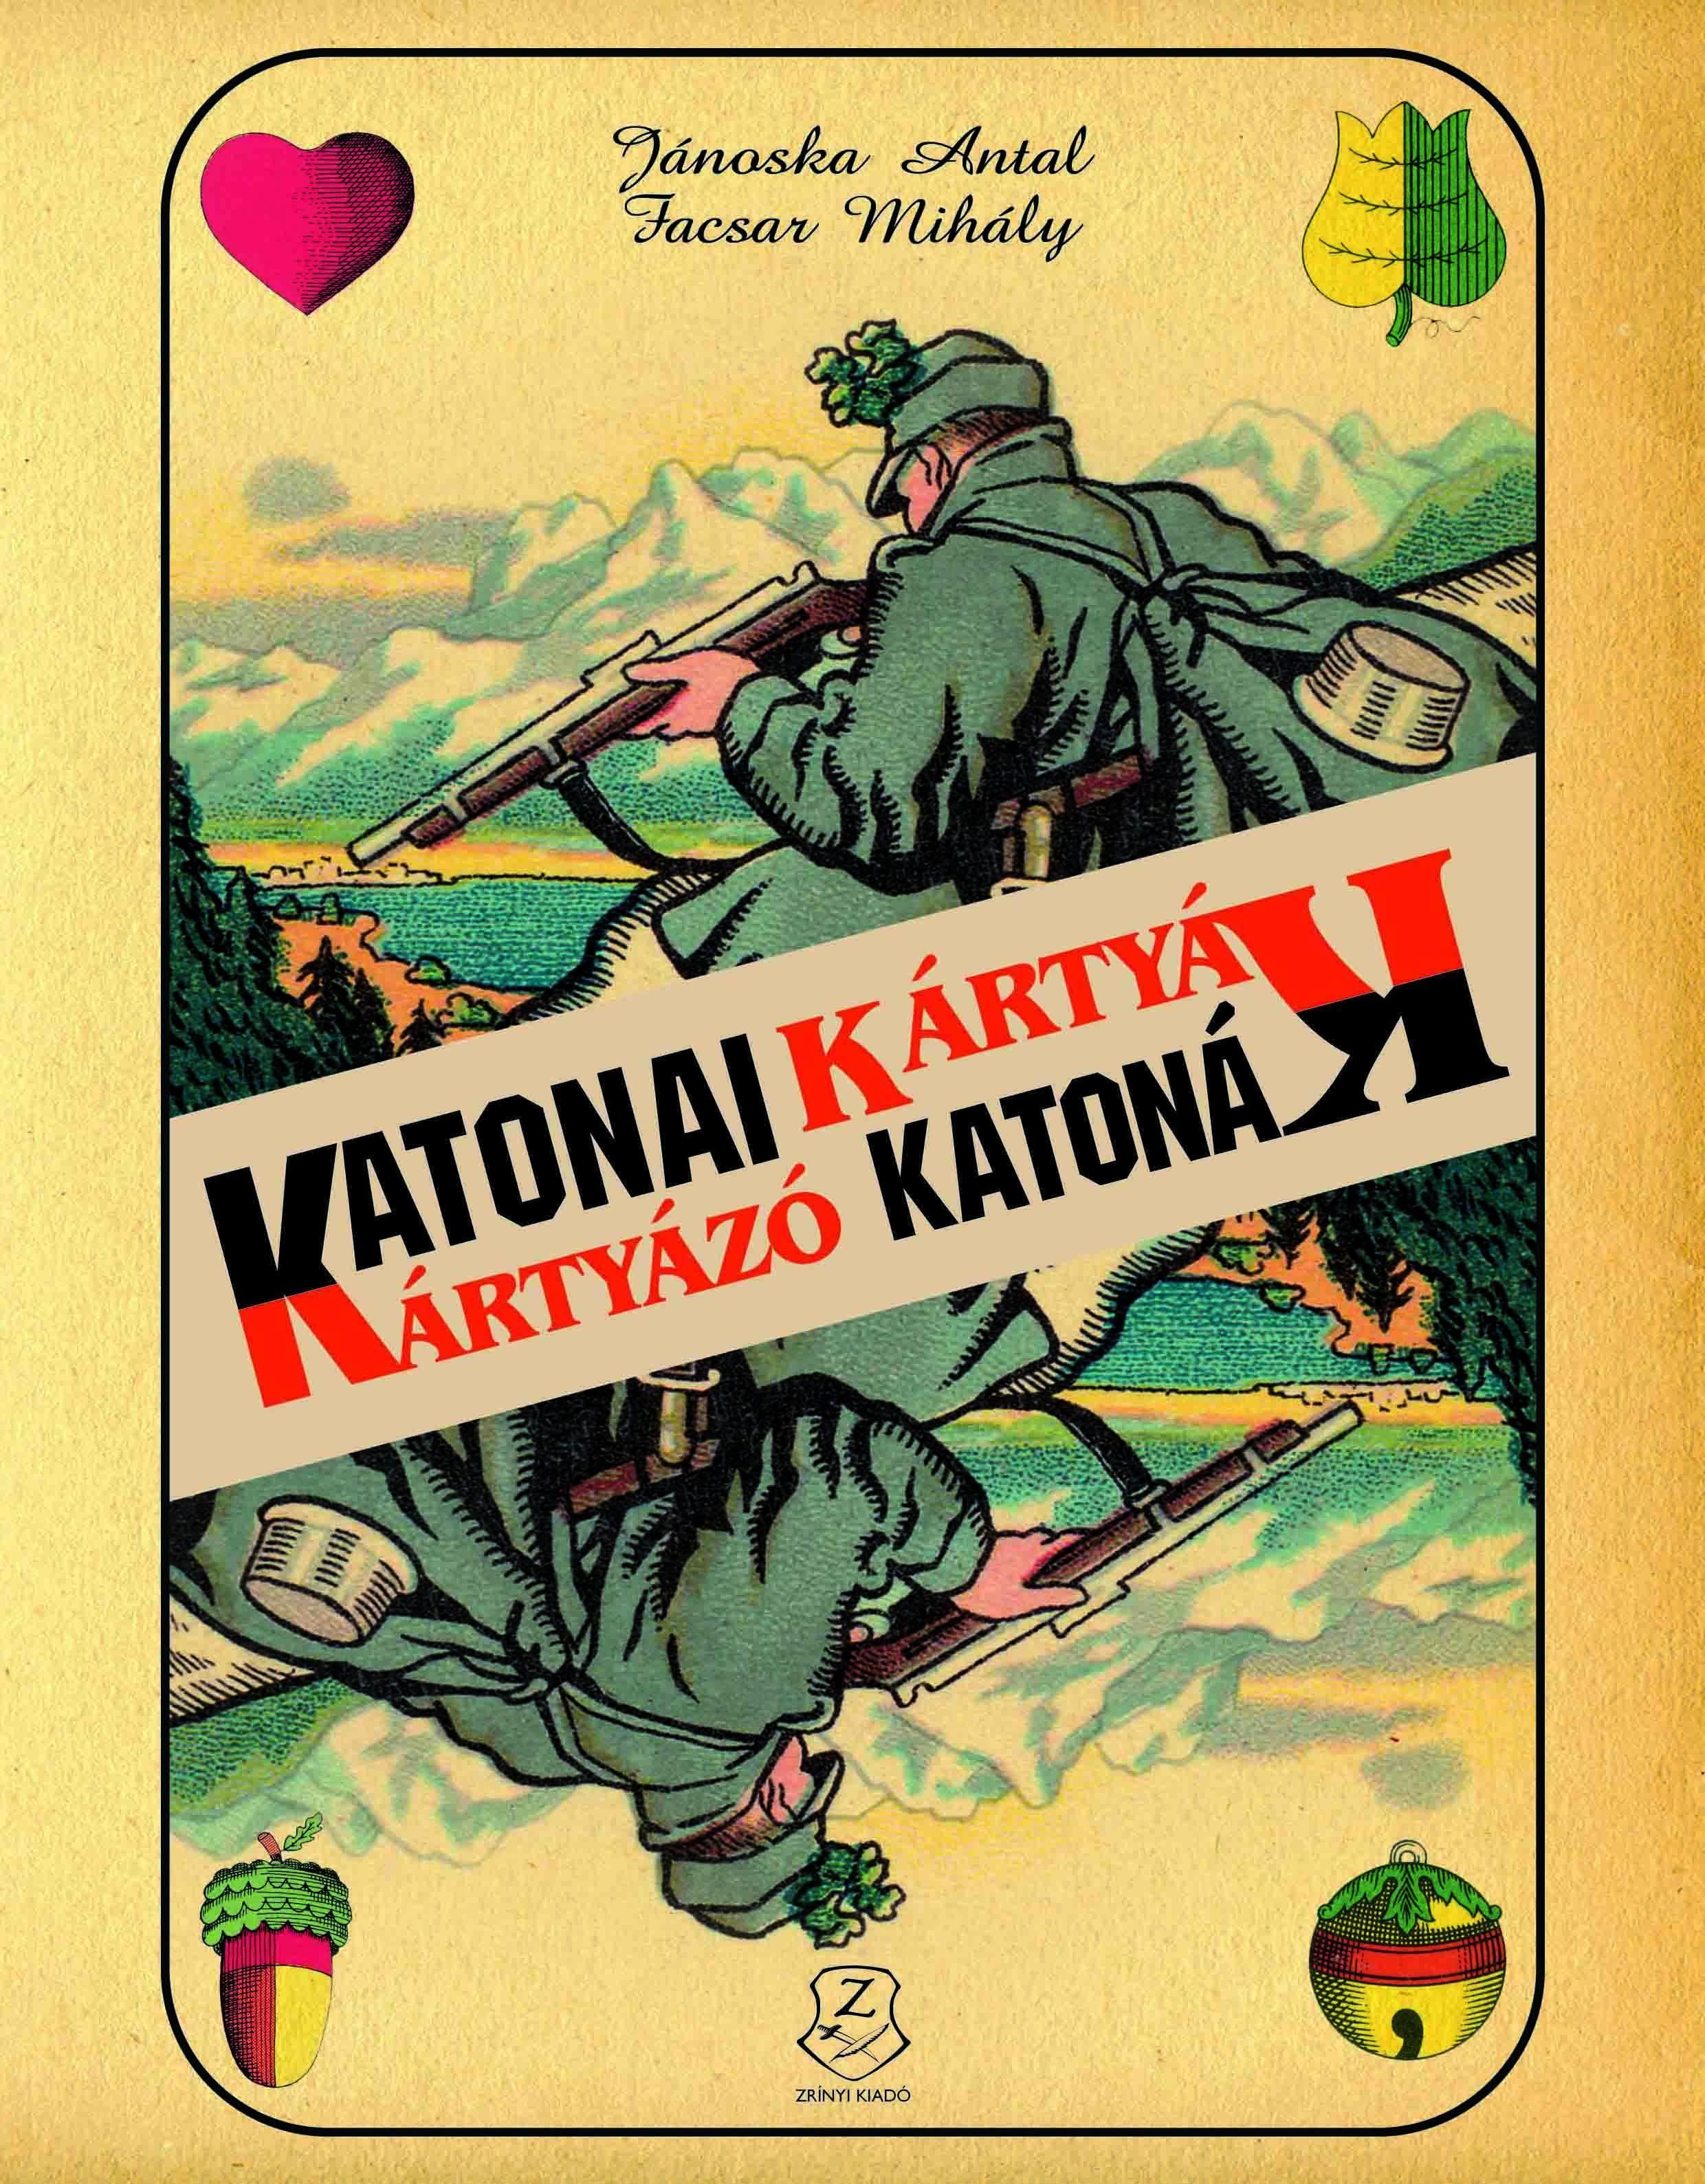 KATONAI KÁRTYÁK - KÁRTYÁZÓ KATONÁK